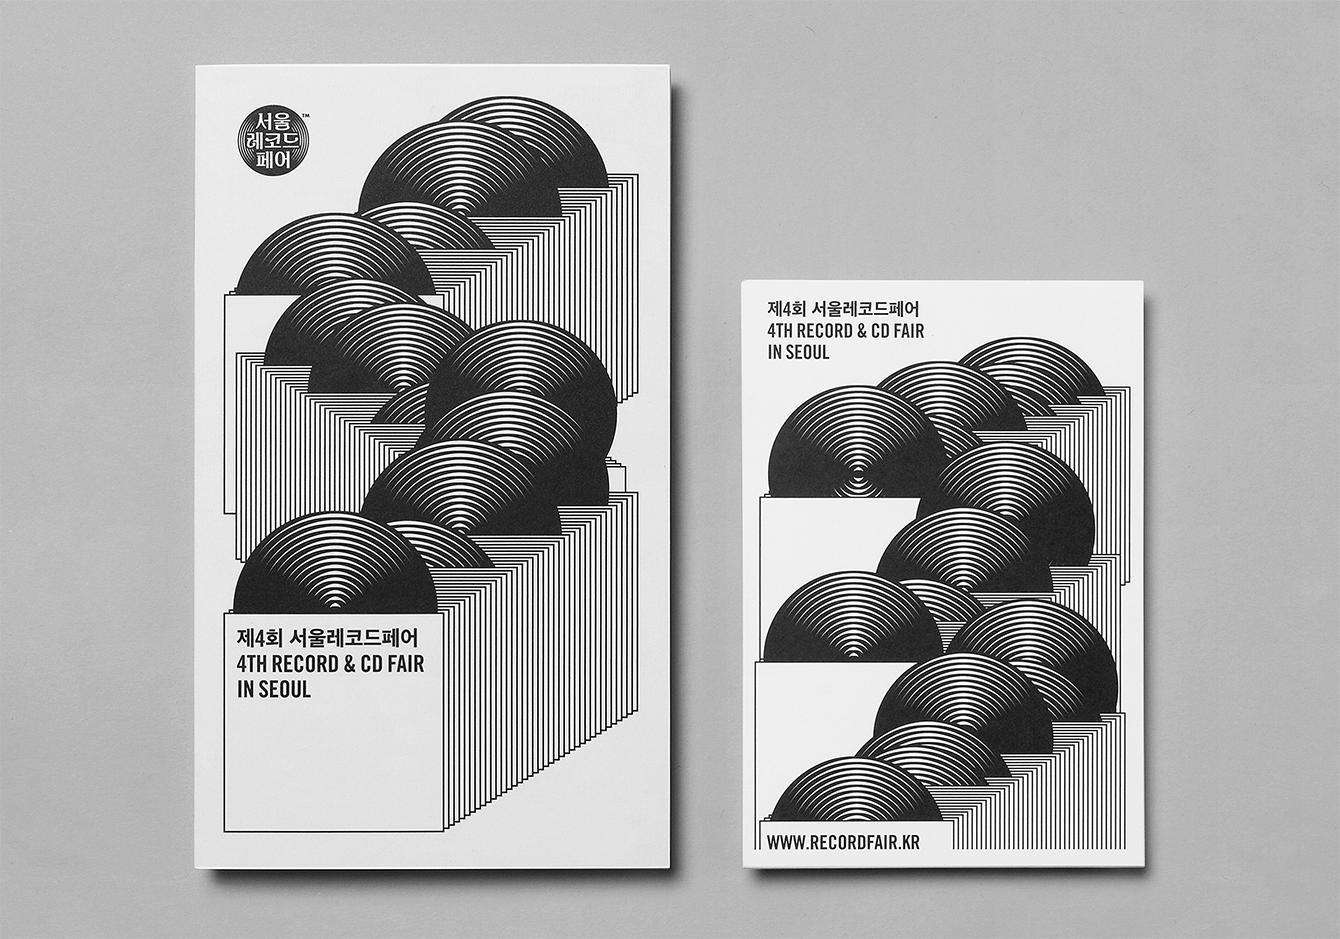 4th Record & CD Fair In Seoul - Jaemin Lee